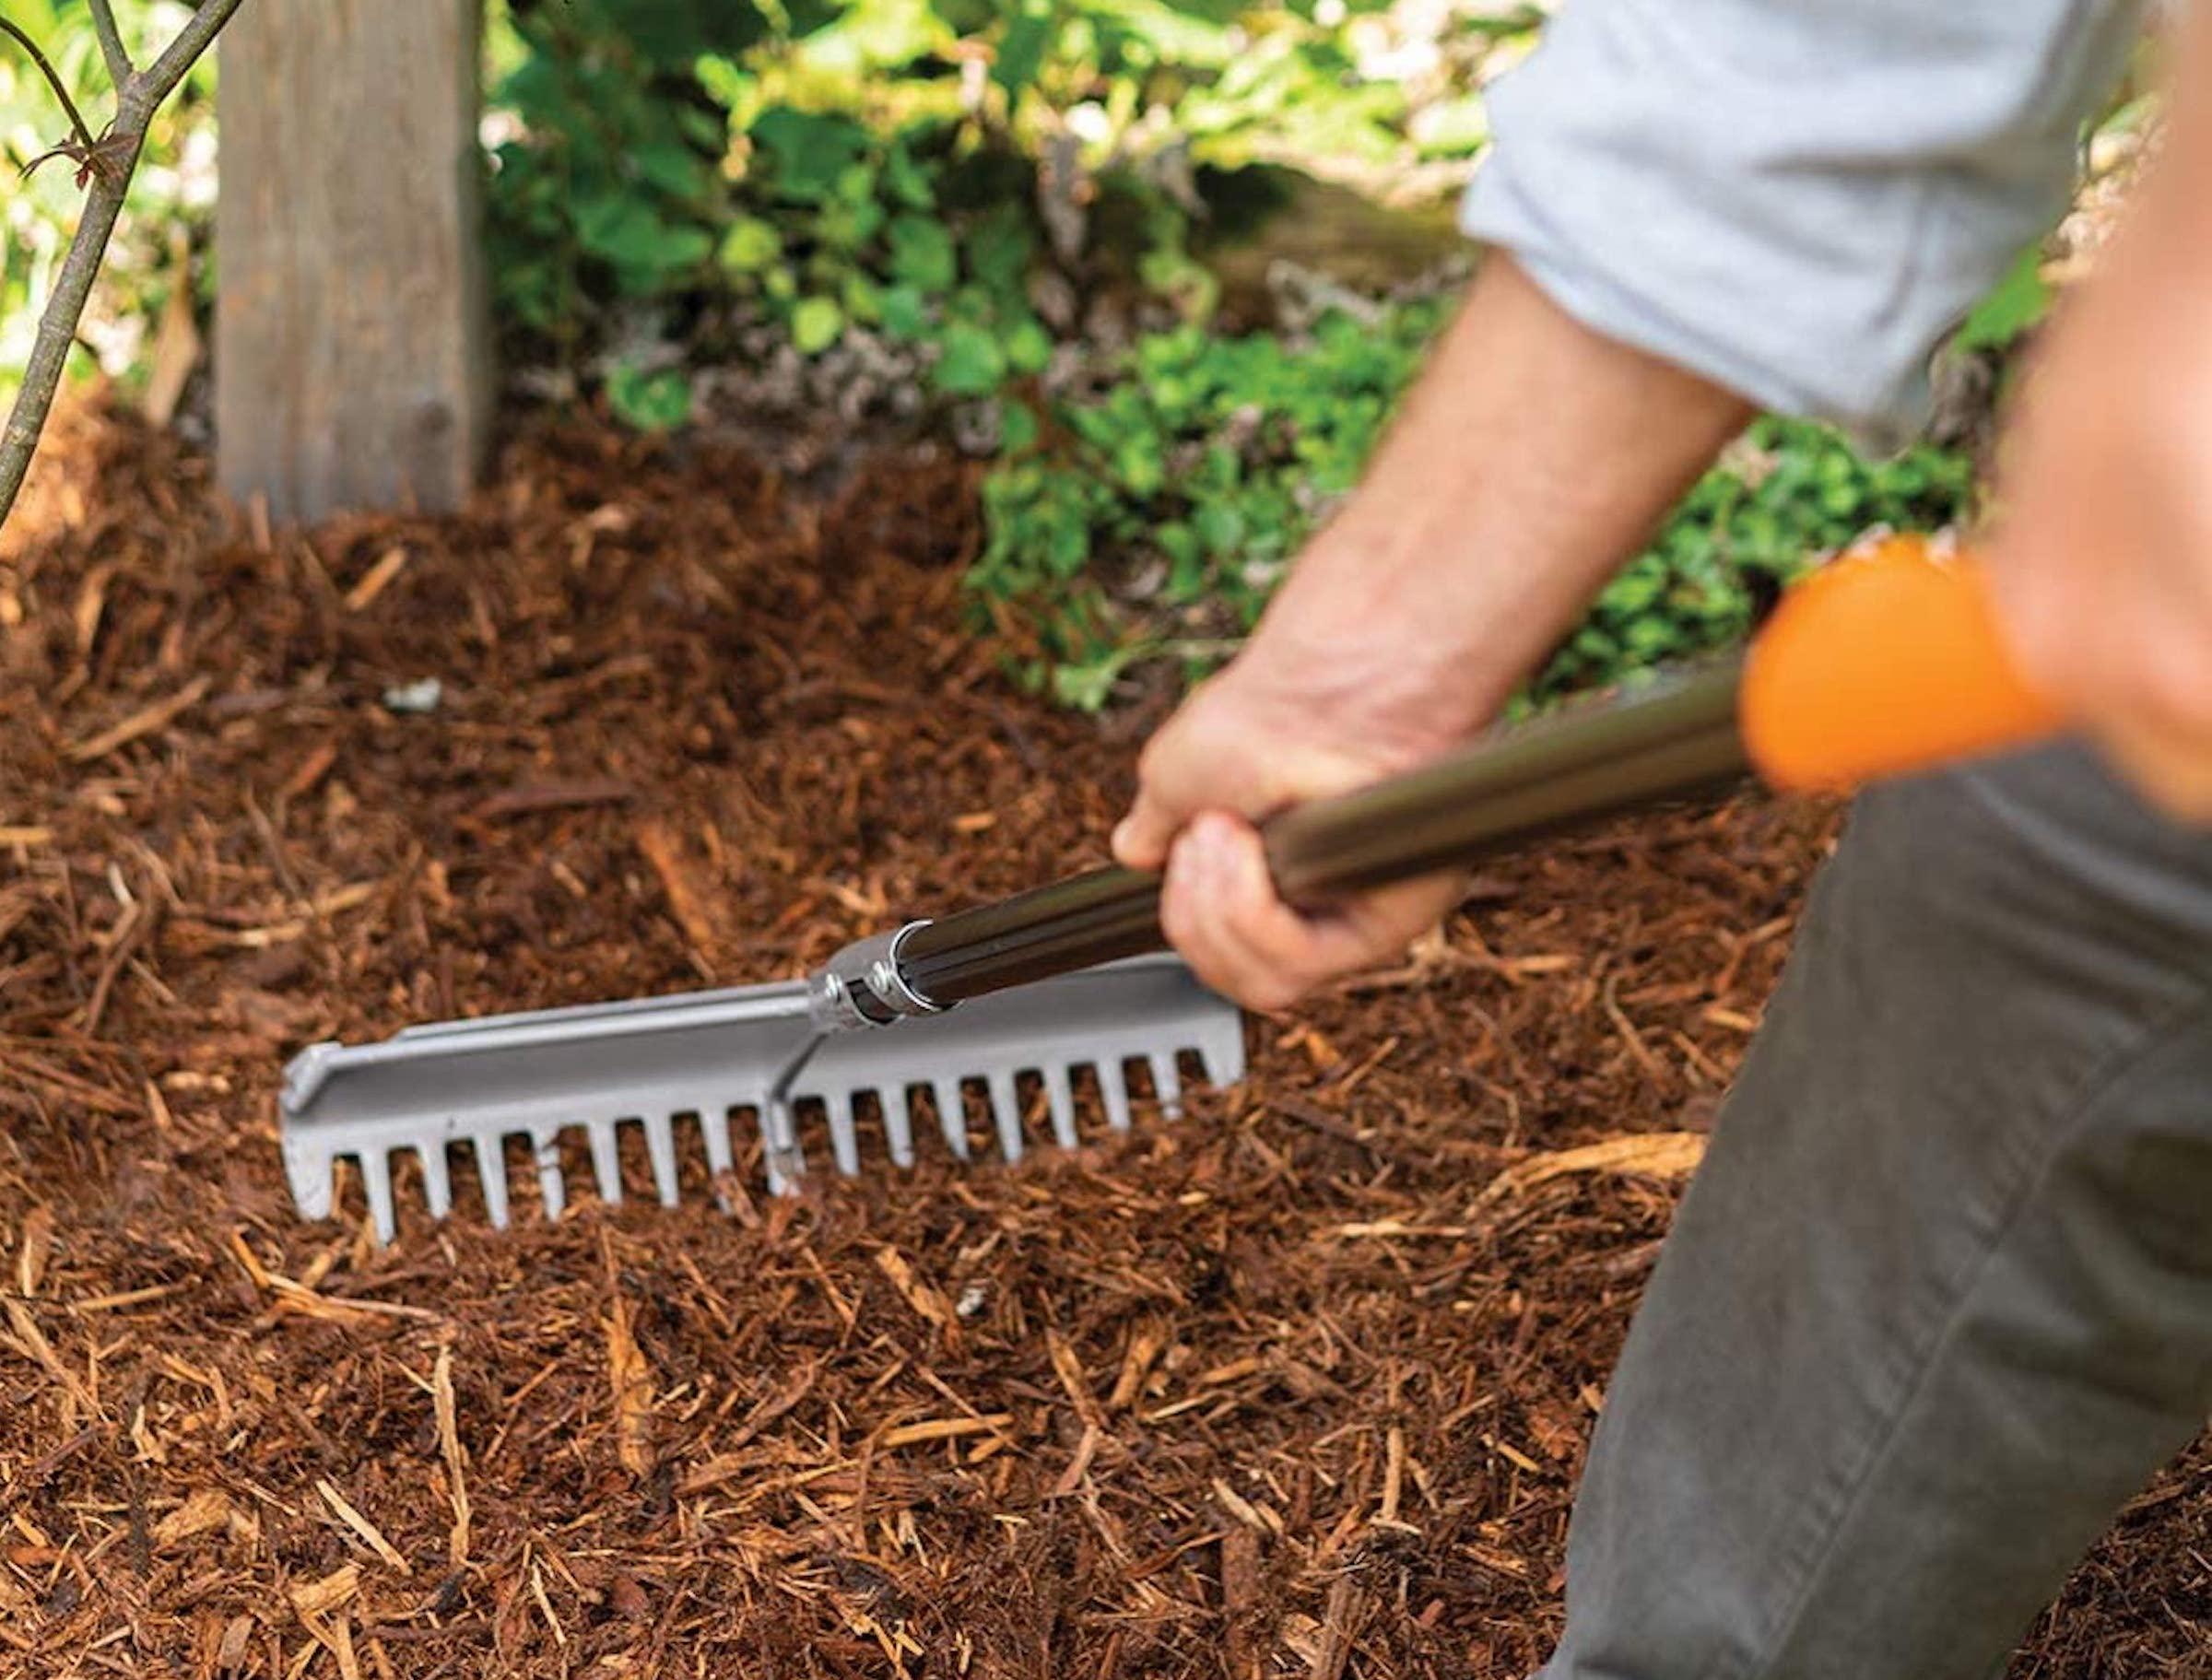 Fiskars Garden Rake Used on Mulch